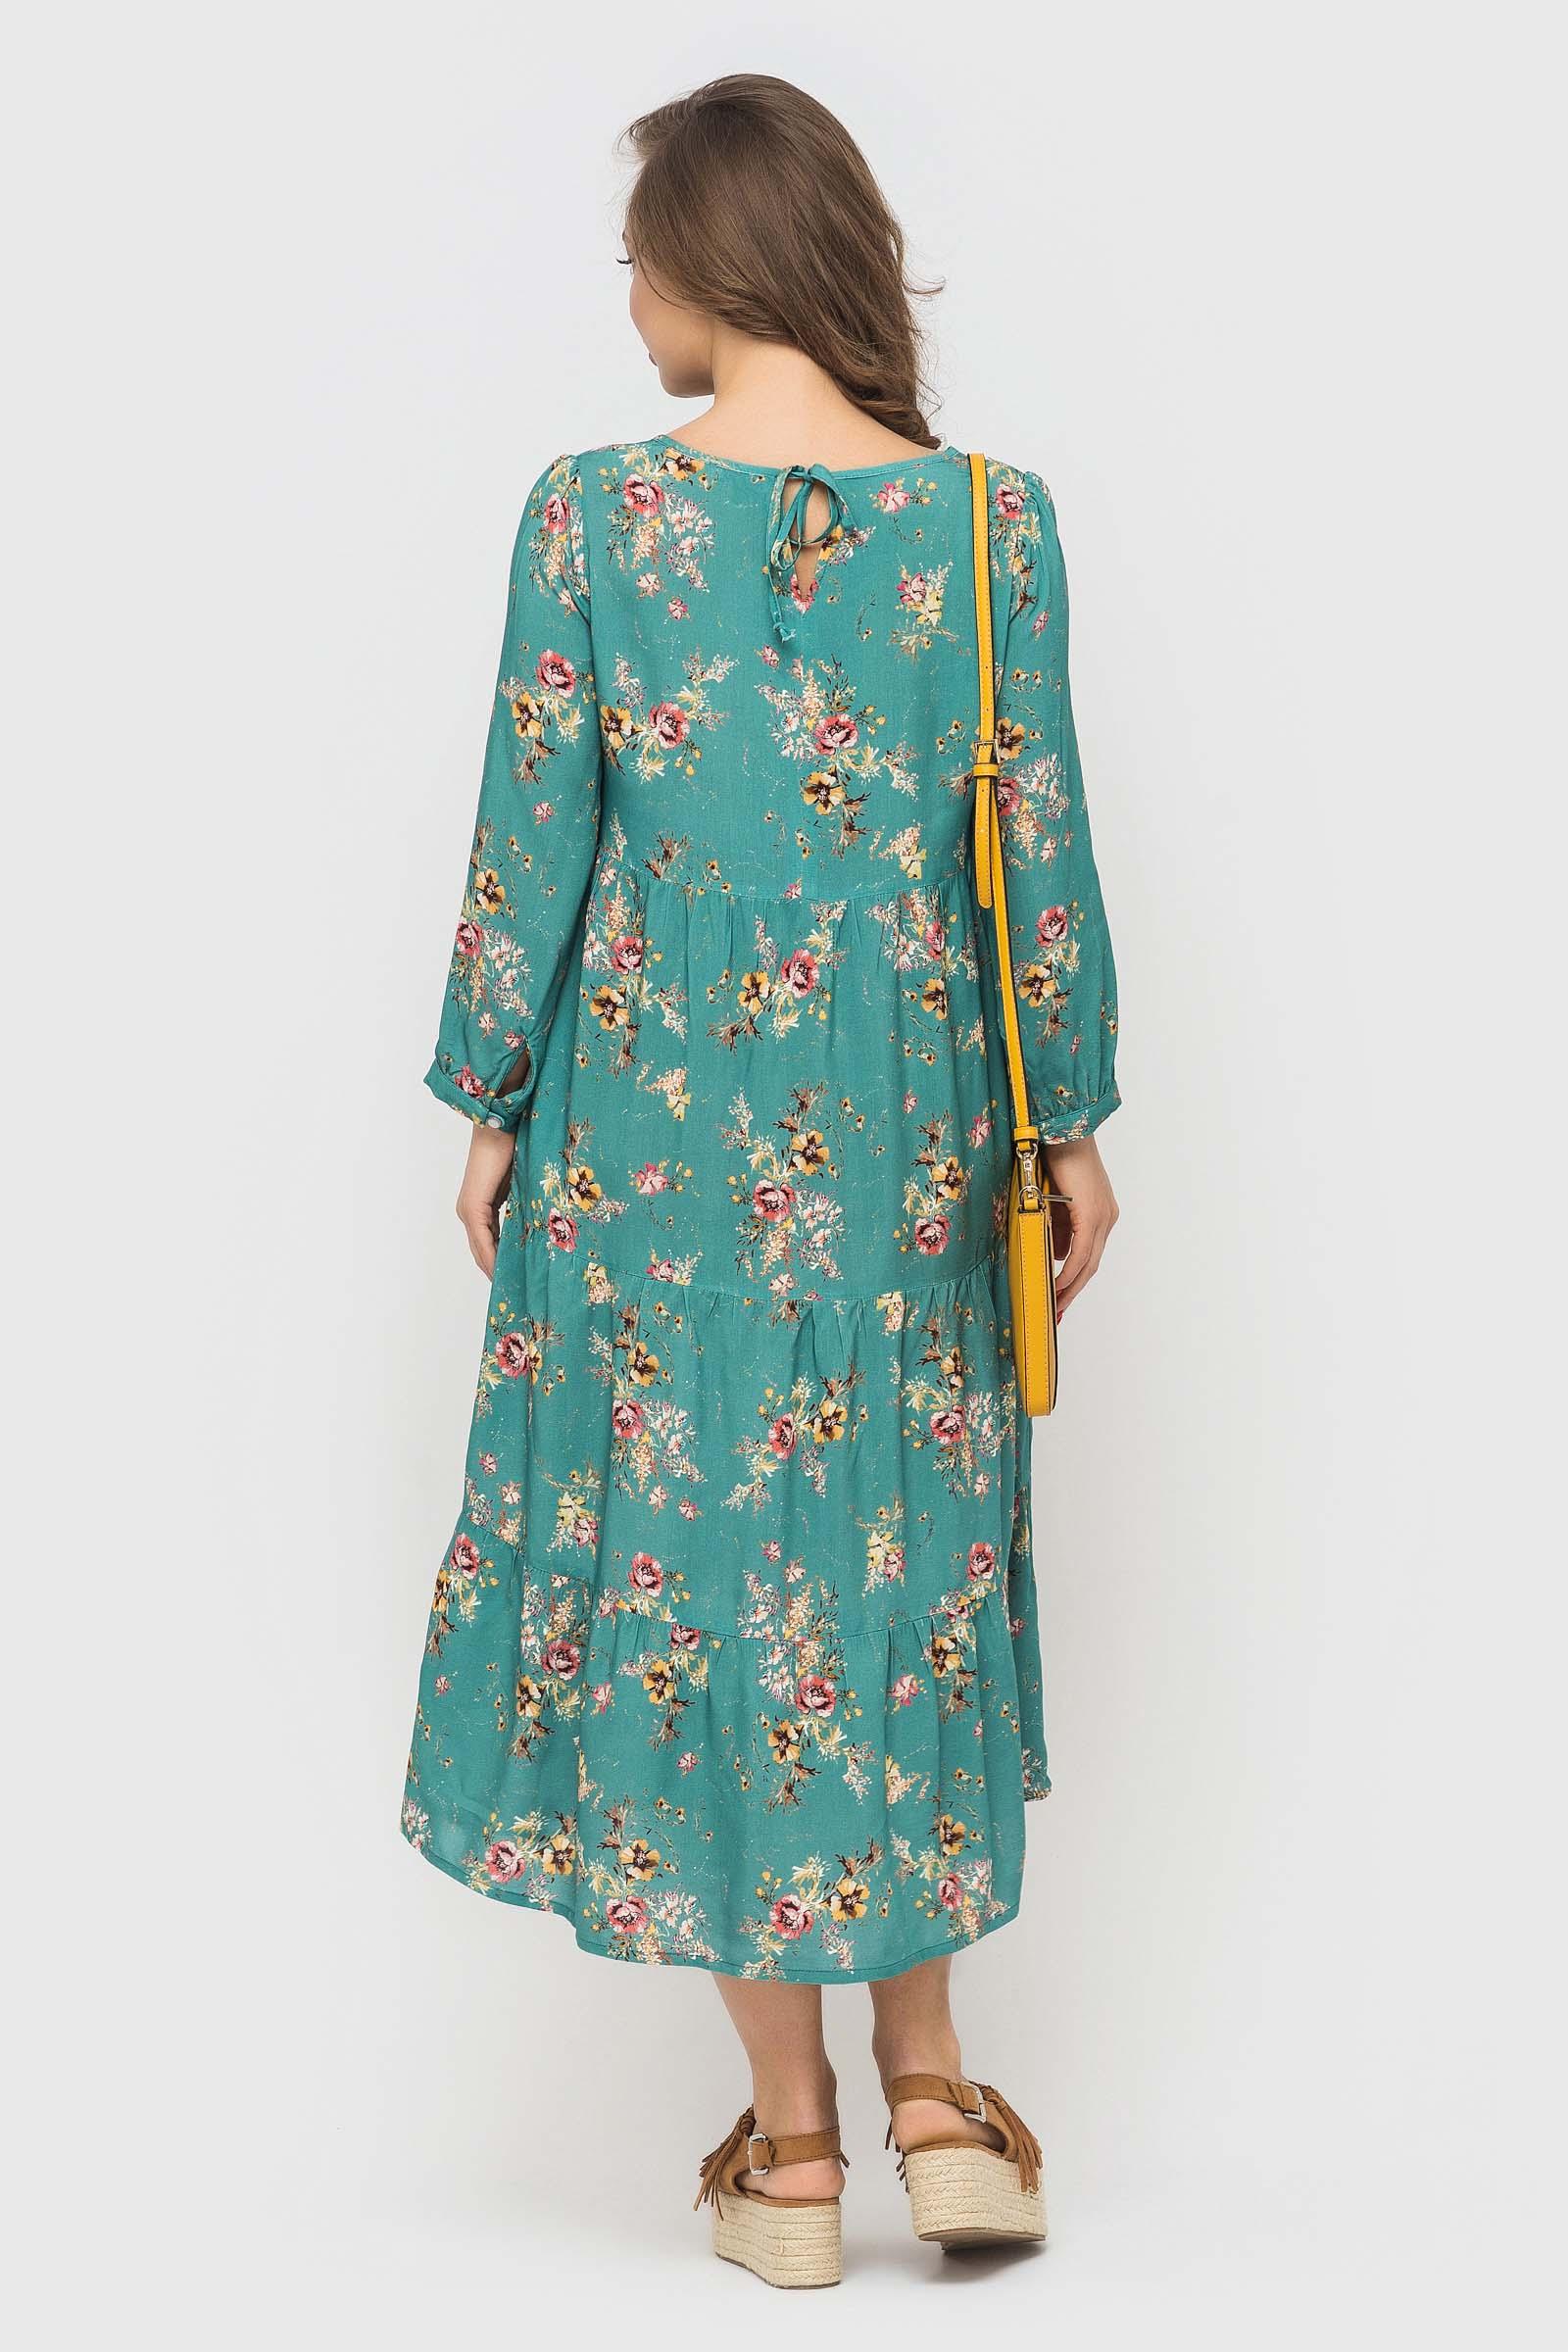 be art 2020 04 07181849 Купить платье